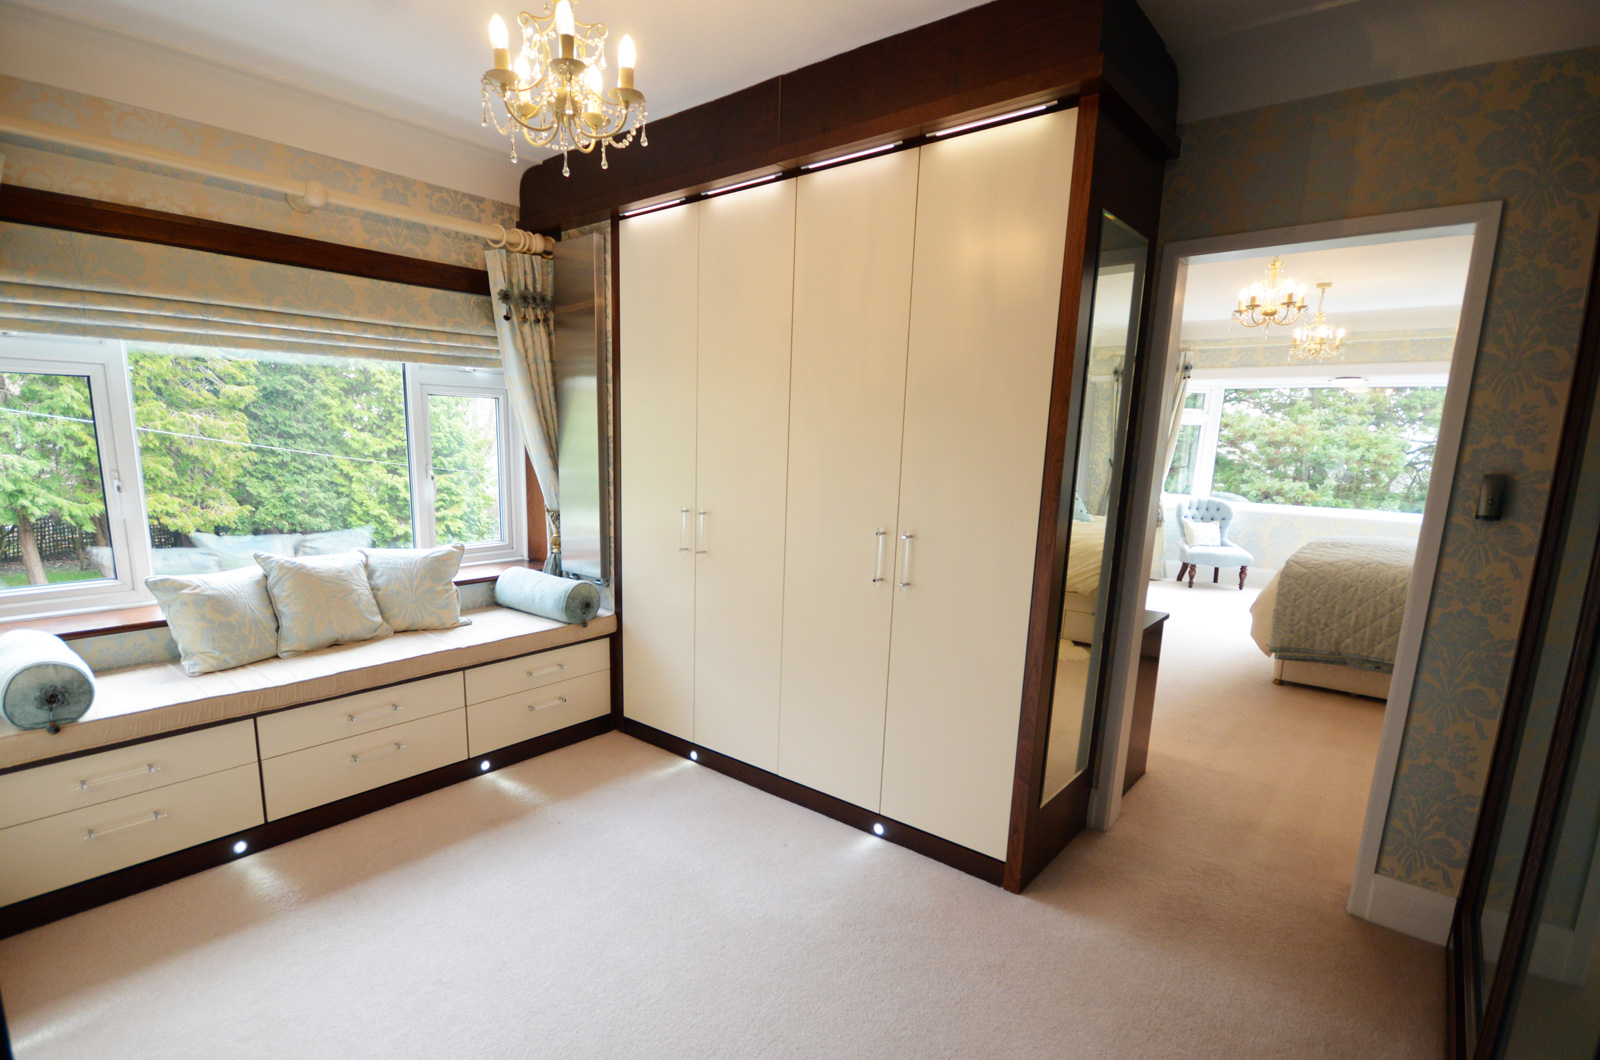 Dressing room - Bespoke walk in wardrobe fitted wardrobes in real wood veneers